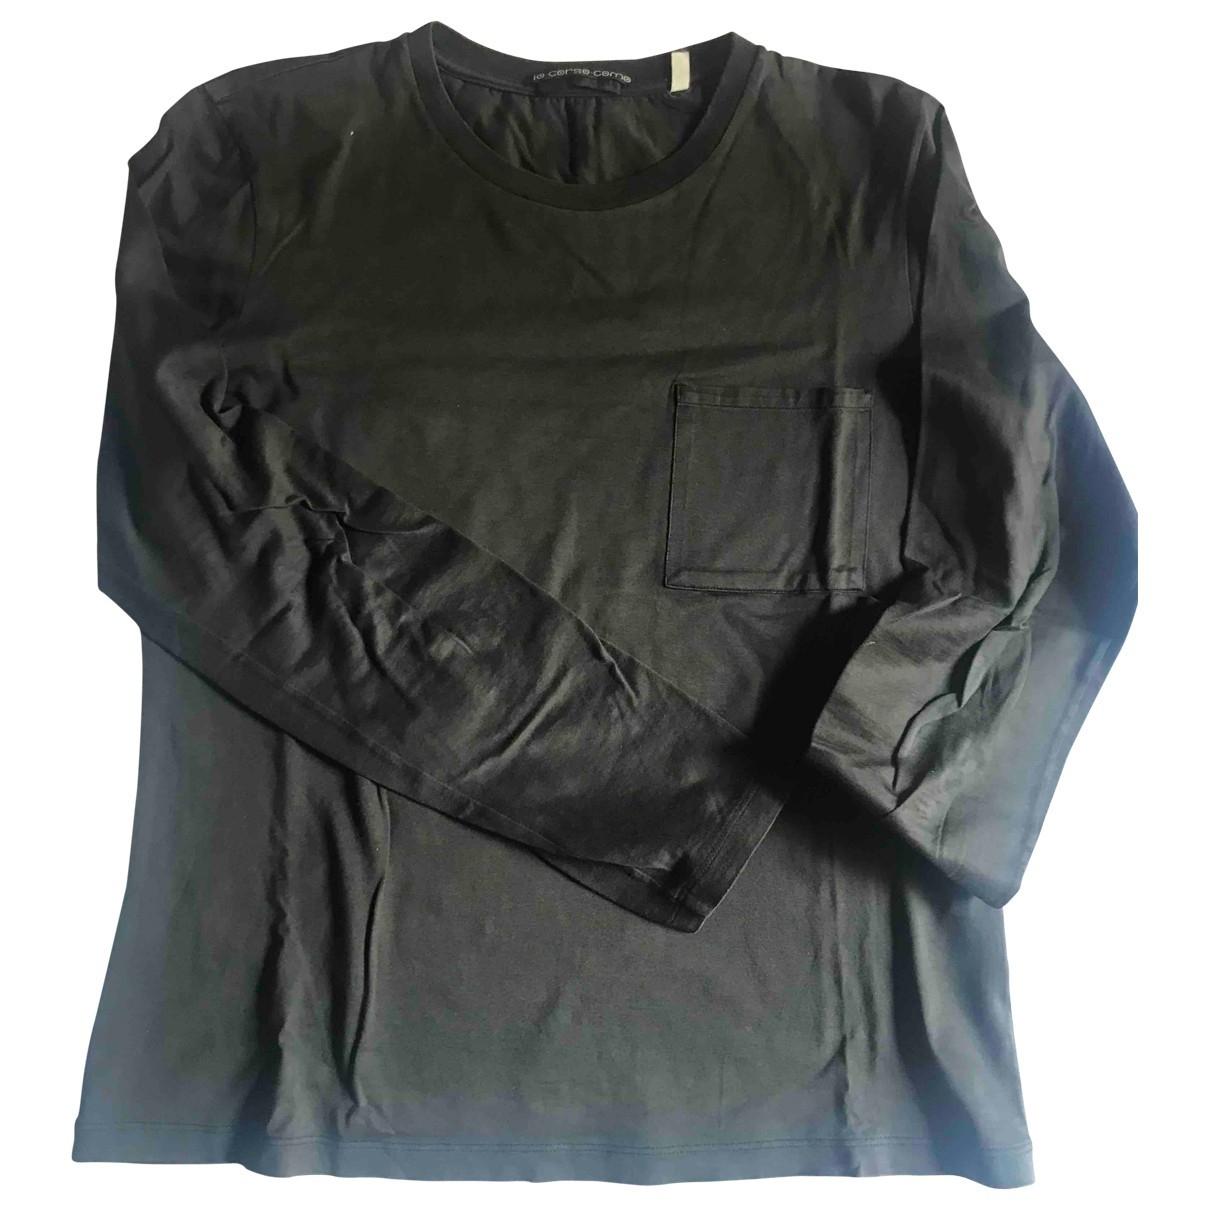 Helmut Lang - Tee shirts   pour homme en coton - marron